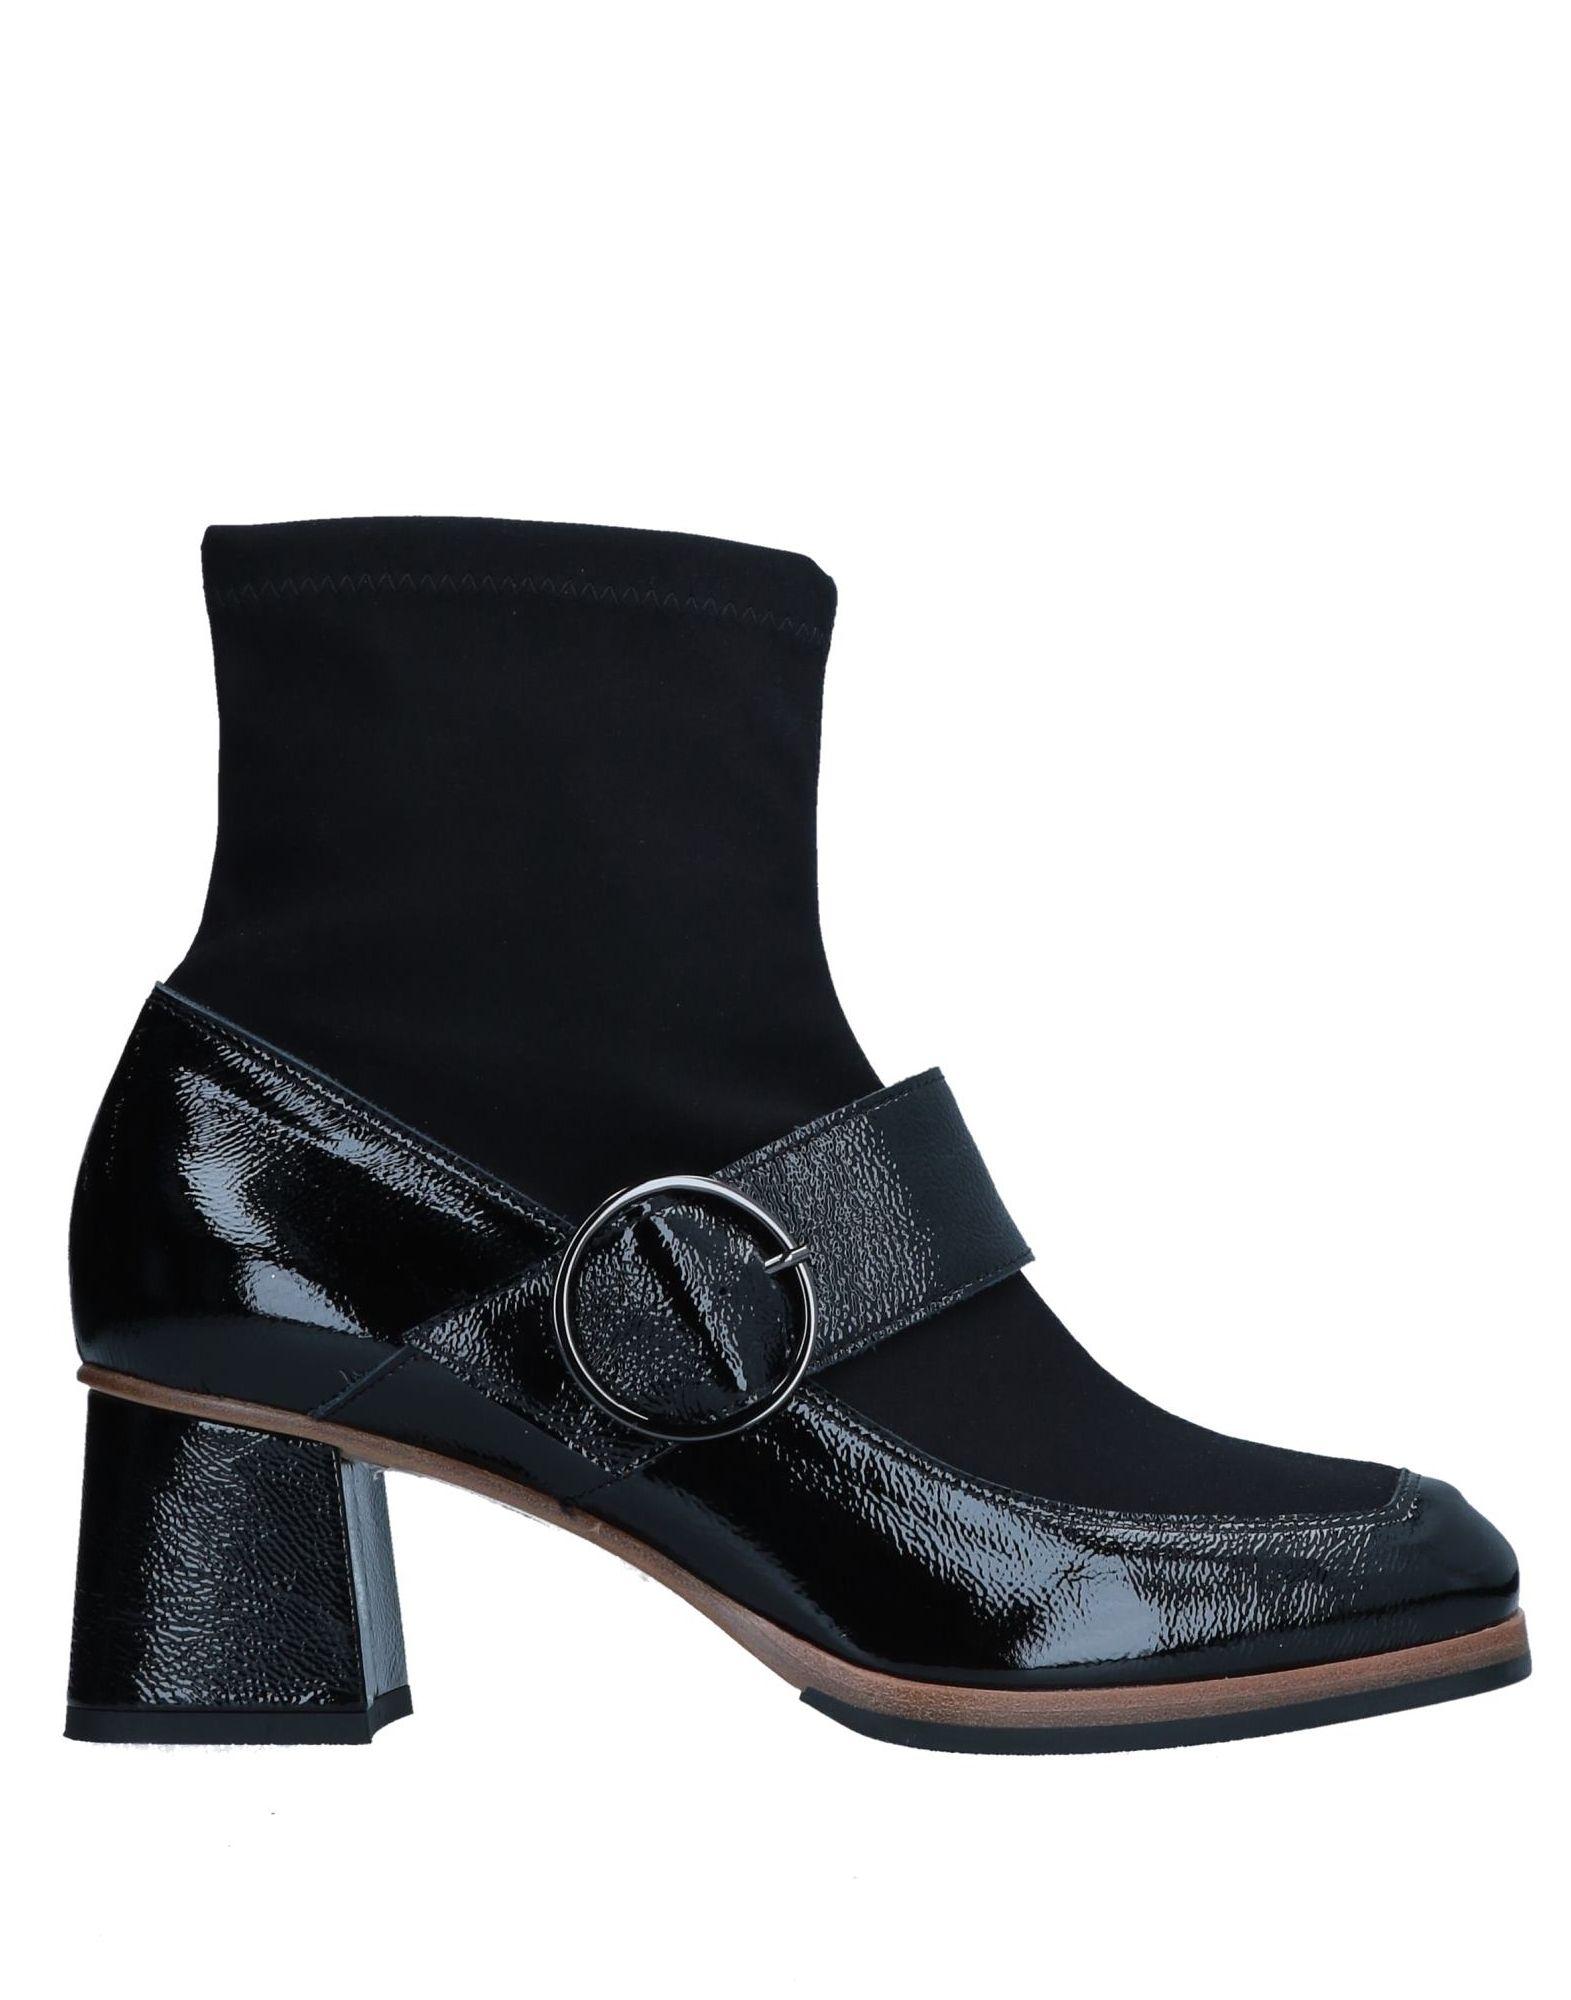 Stilvolle billige Schuhe Guido Sgariglia 11546728IO Stiefelette Damen  11546728IO Sgariglia e03fb3